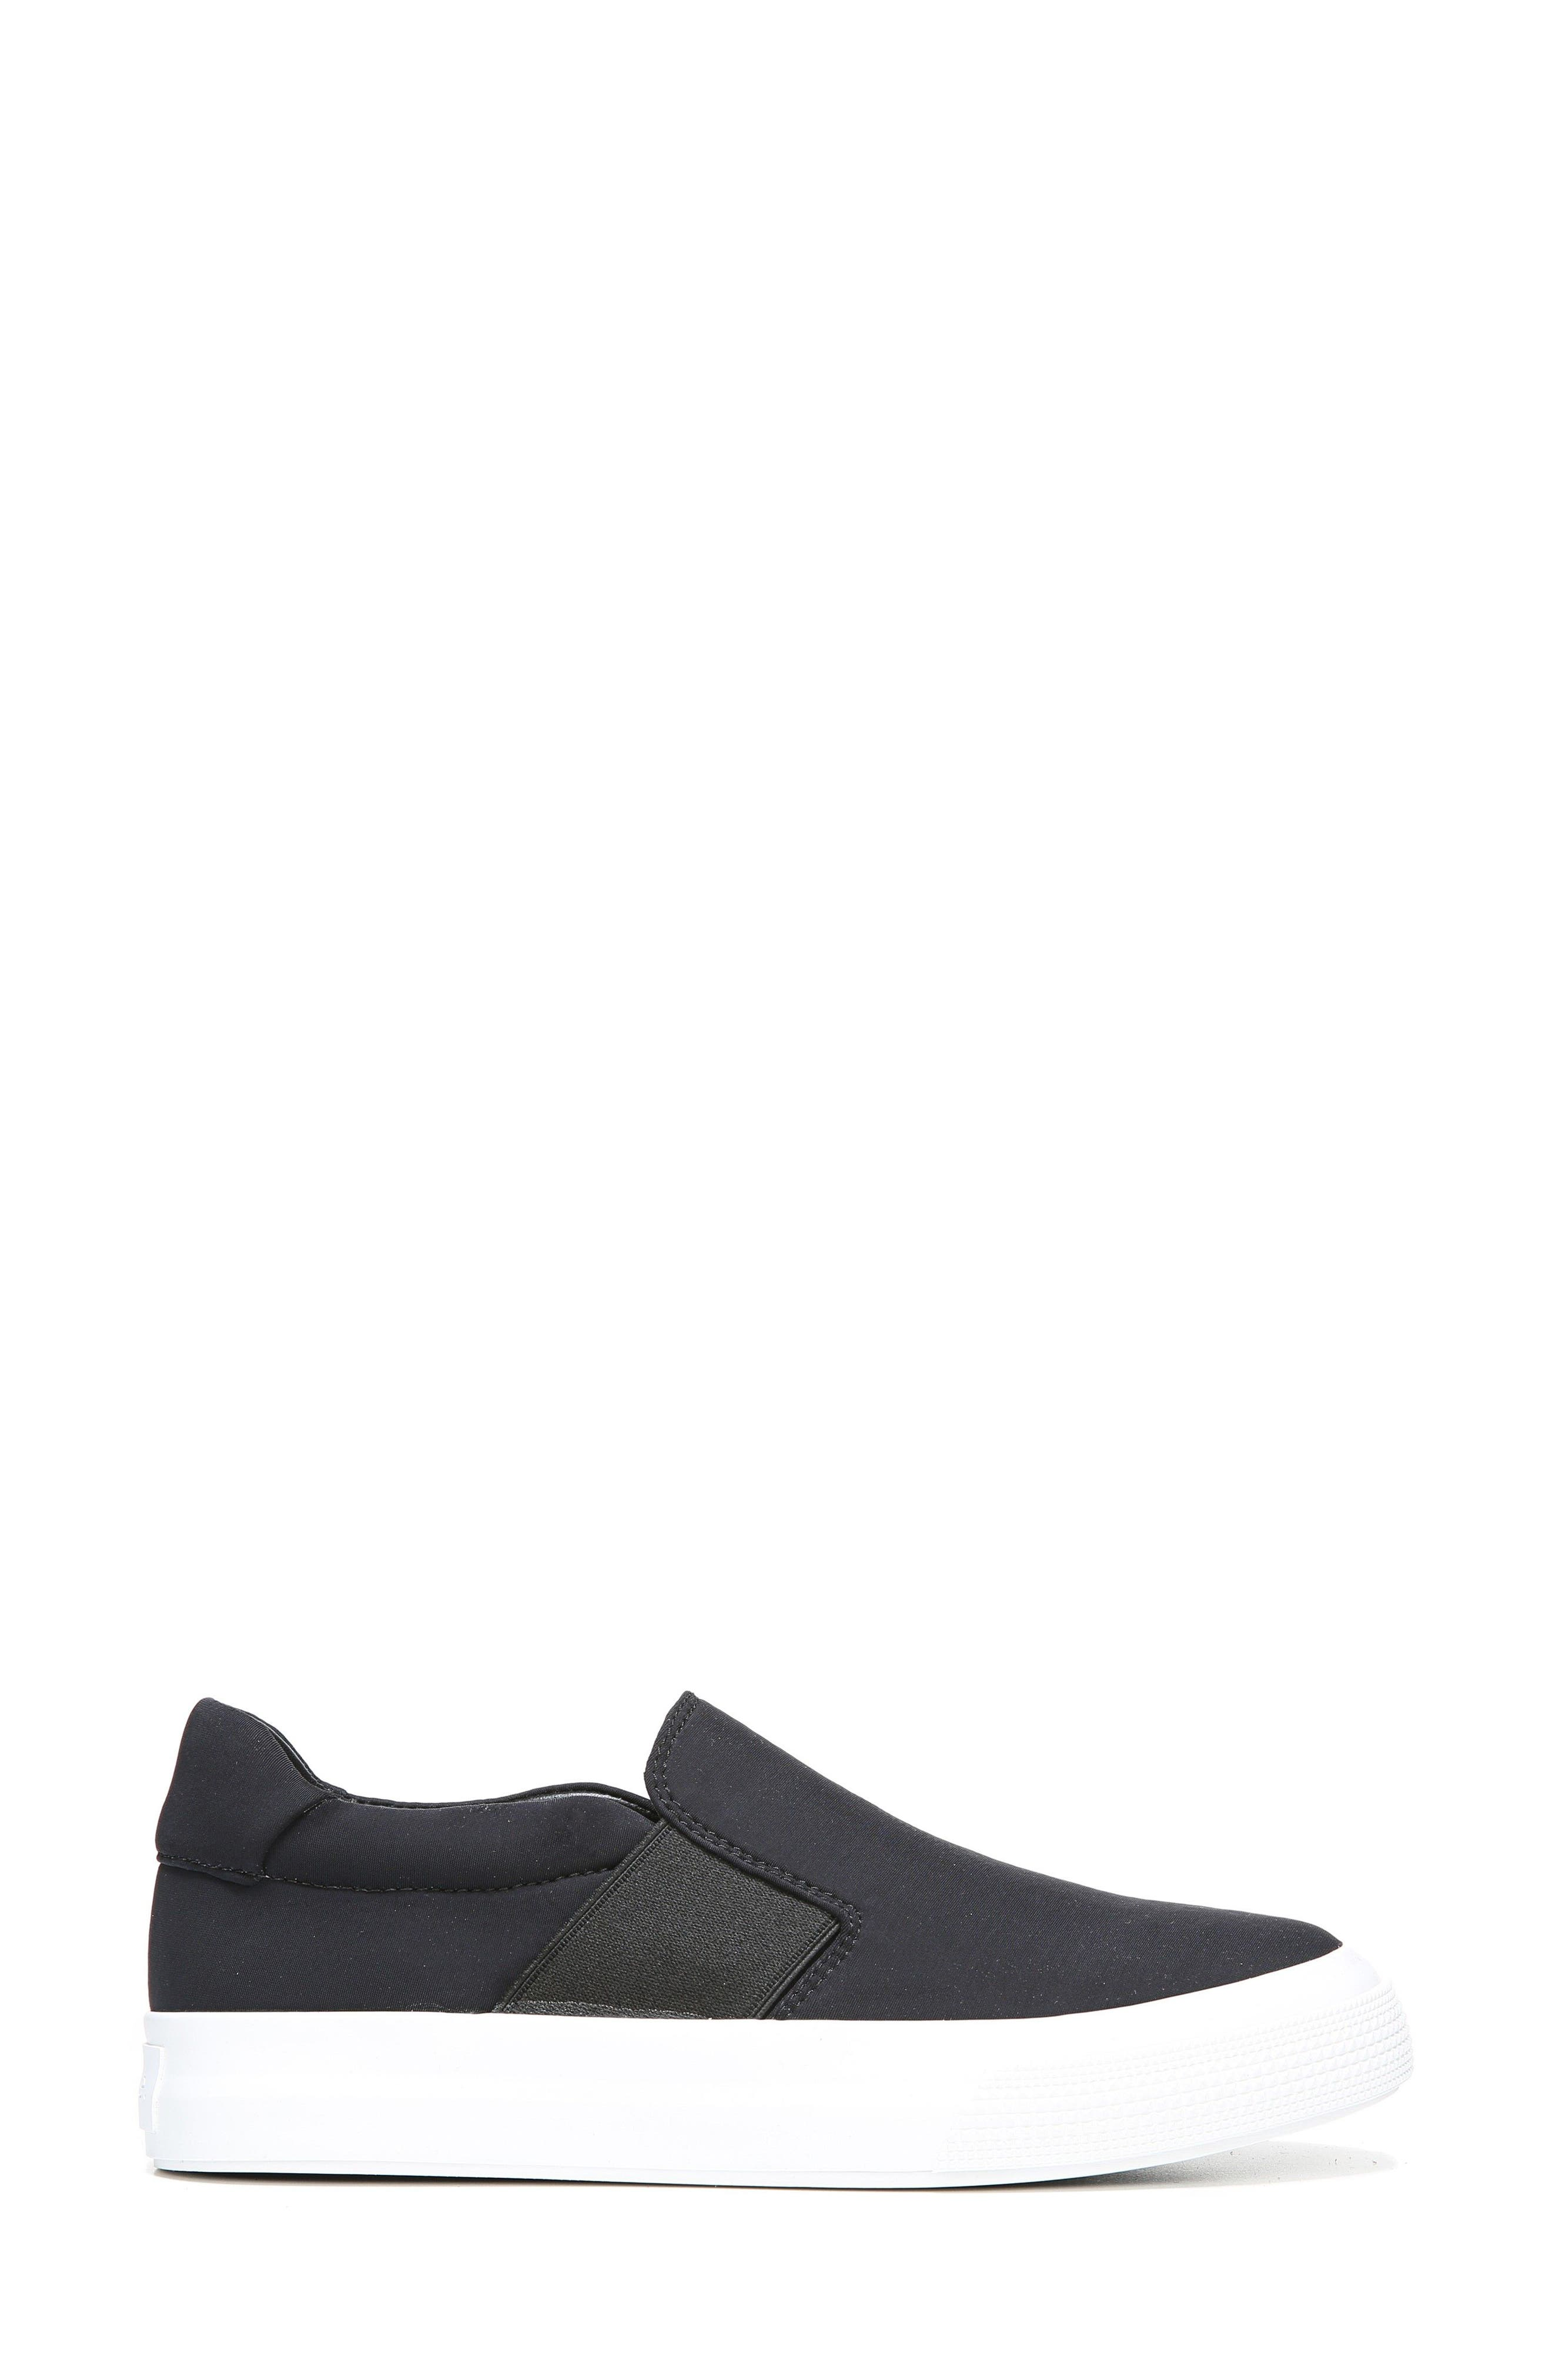 Torin Slip-On Sneaker,                             Alternate thumbnail 3, color,                             Black